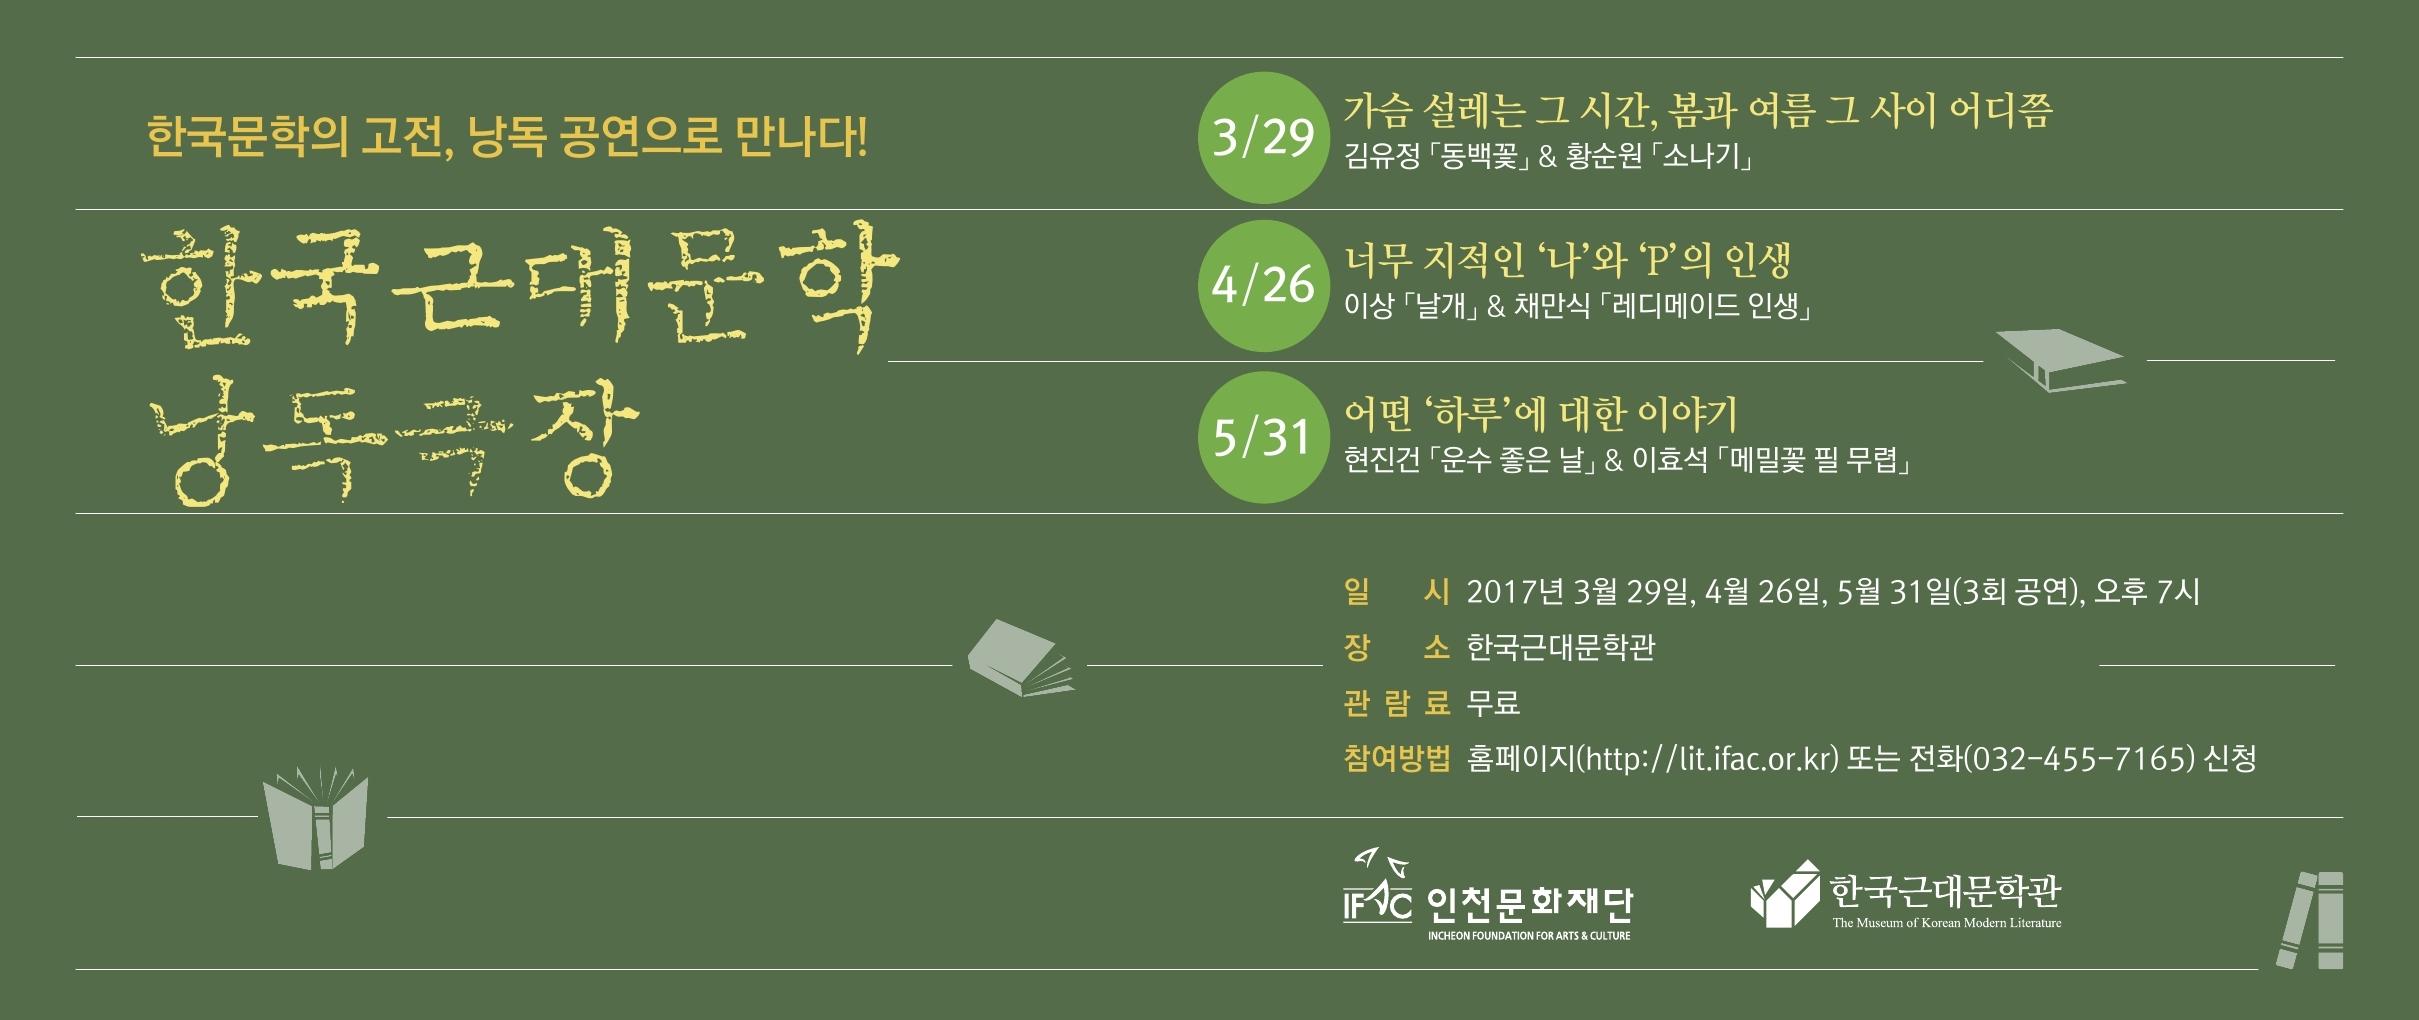 한국근대문학 낭독극장